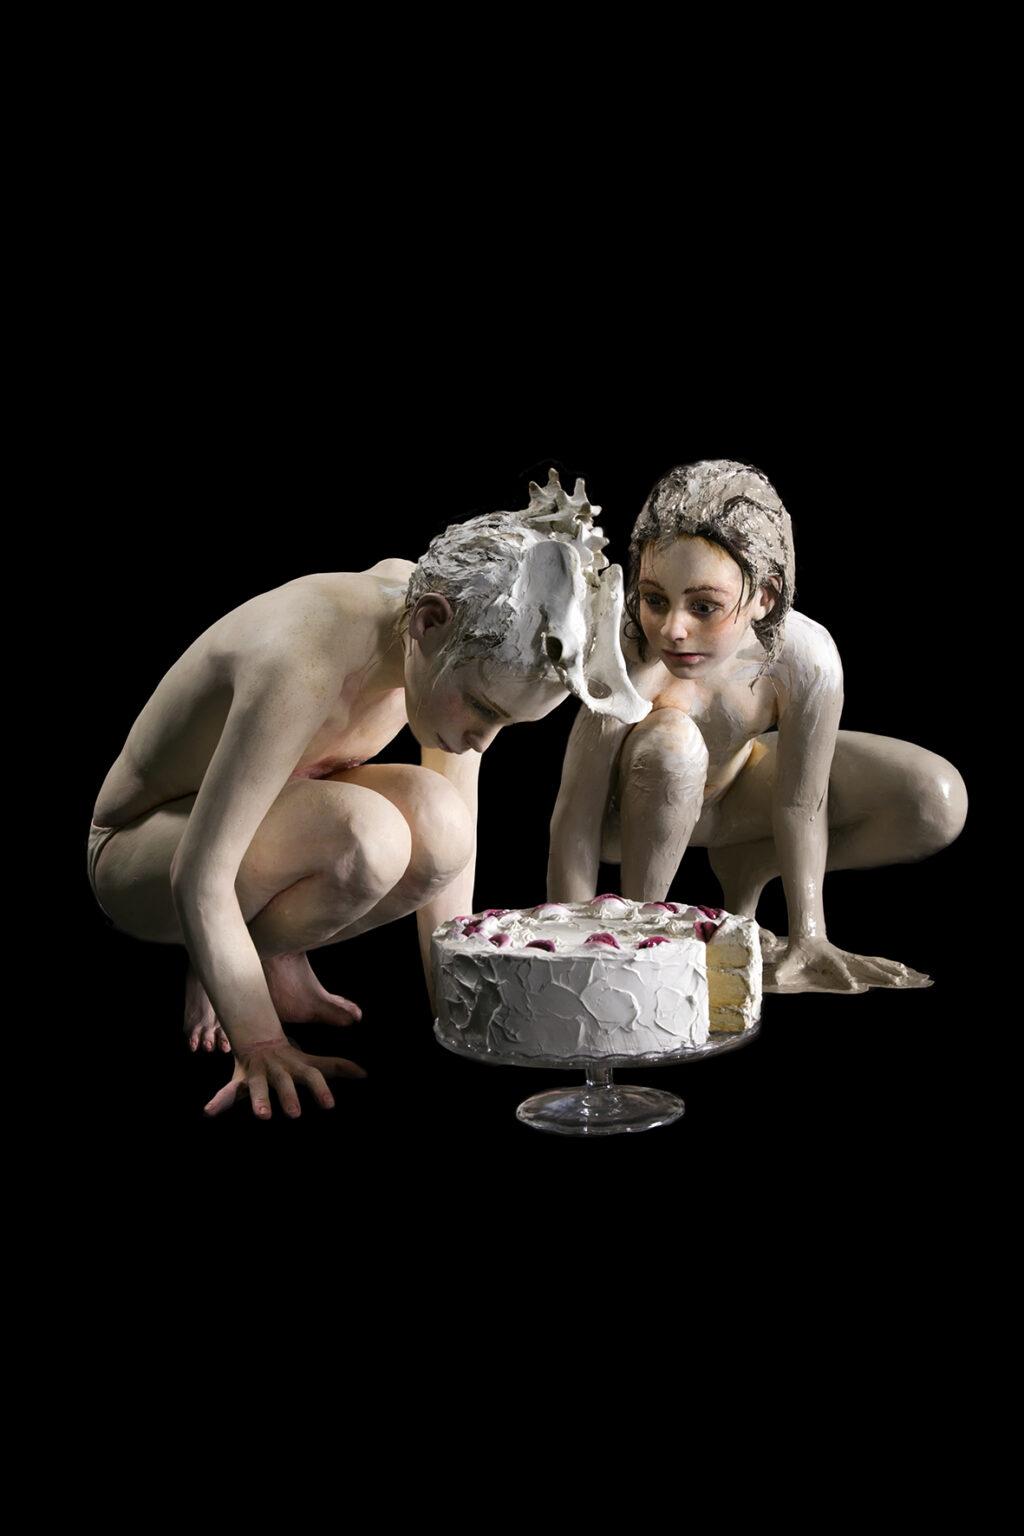 רונית ברנגה, הביאנלה במוזא, צילום הדר סייפן